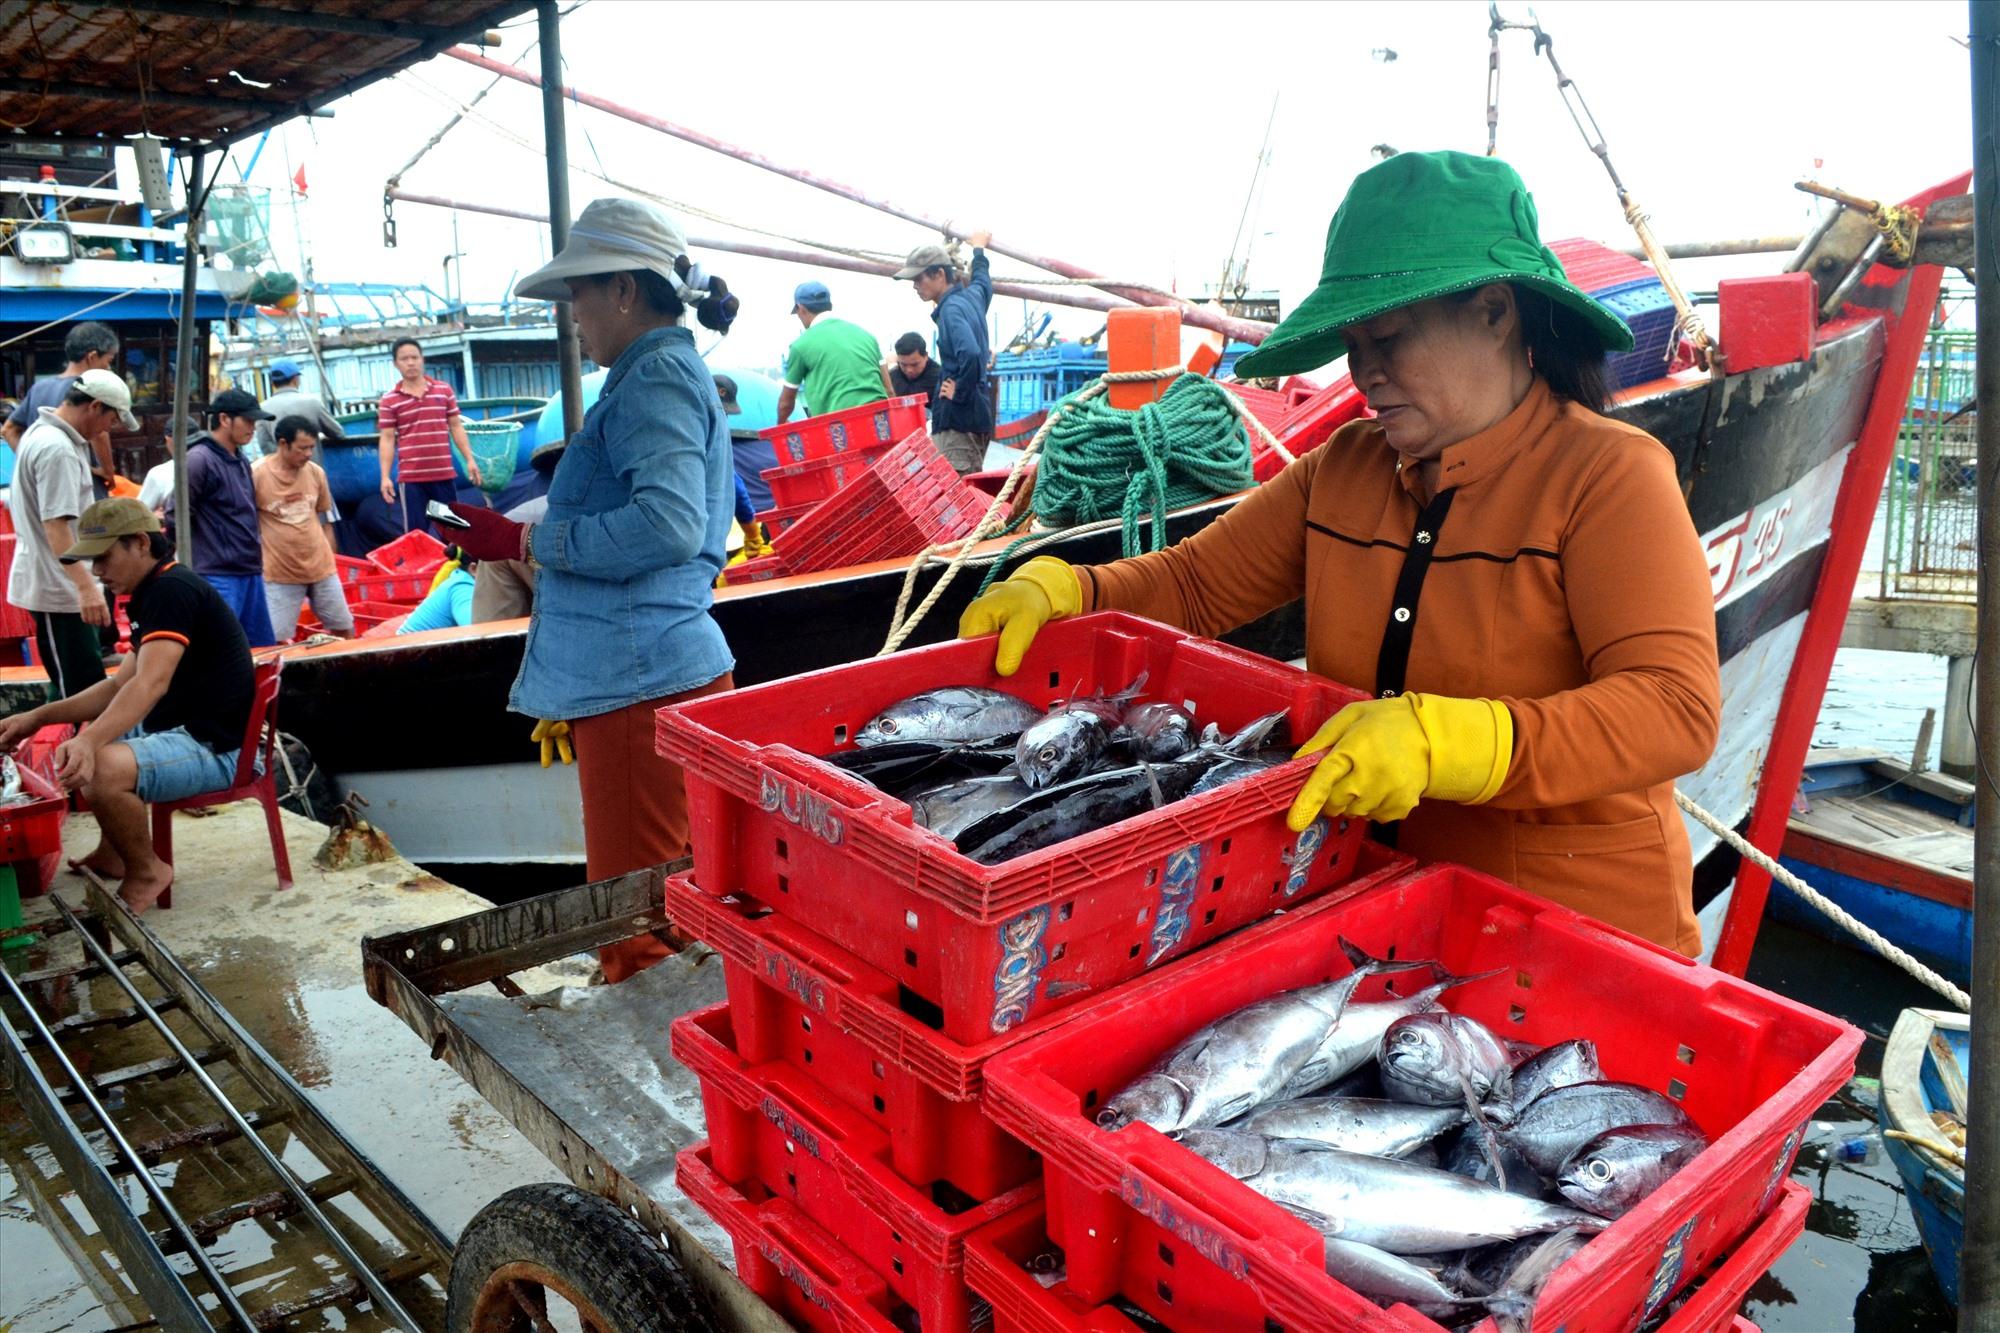 Sản lượng khai thác thủy sản đóng góp từ 30 – 35% thu nhập trong ngành nông nghiệp của huyện Thăng Bình. Ảnh: M.T